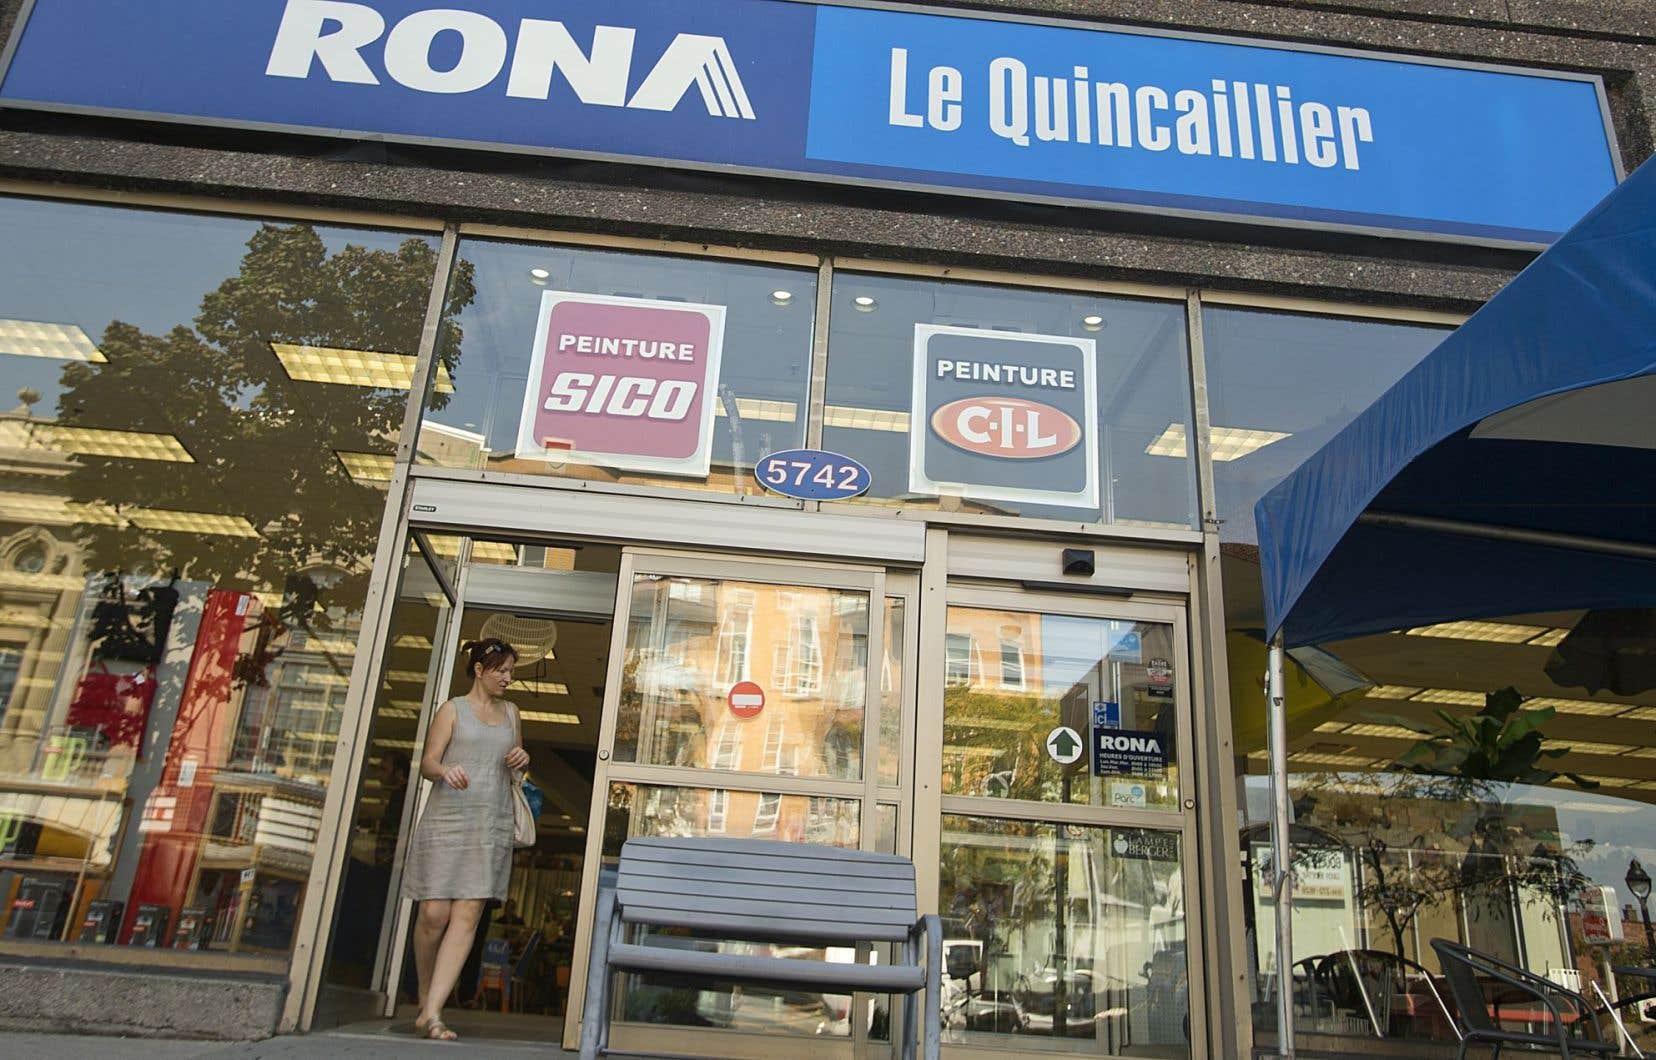 RONA exploite un réseau de près de 500 magasins corporatifs et magasins affiliés indépendants.